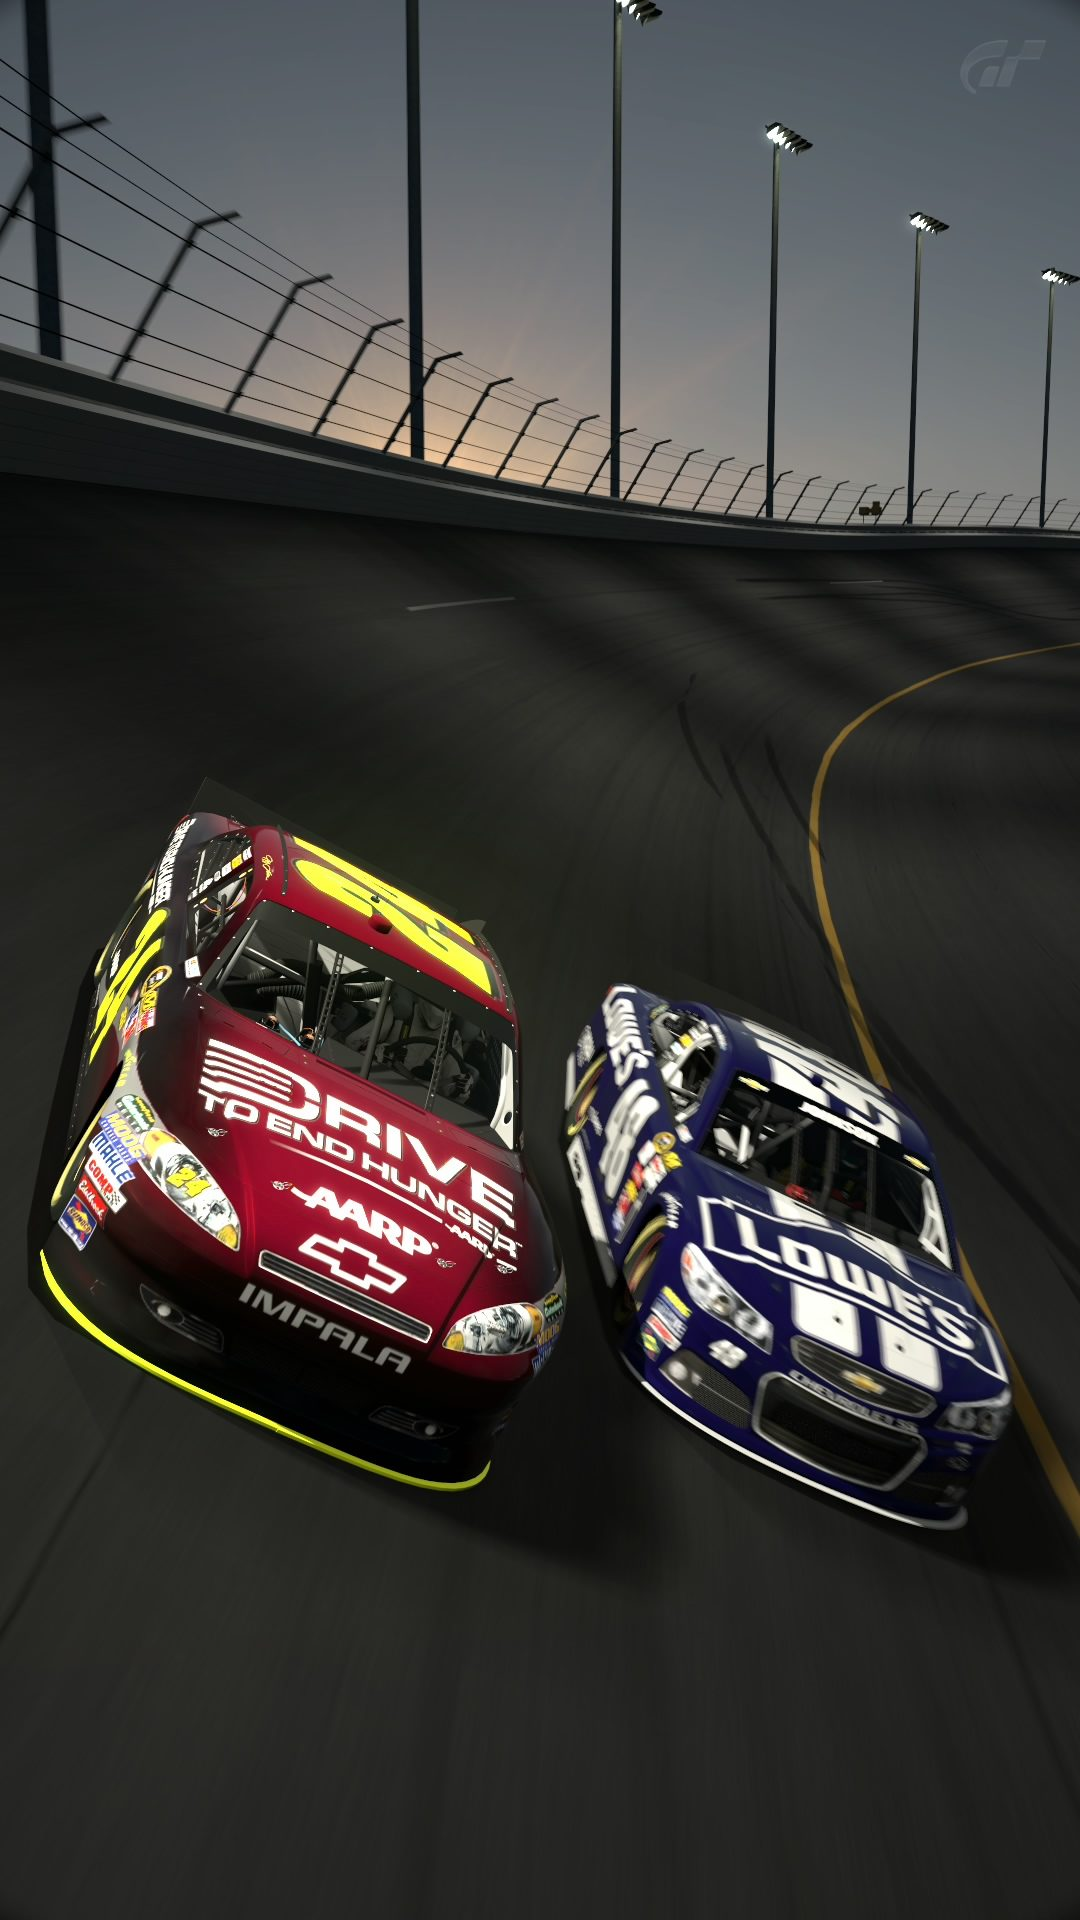 Daytona International Speedway_29.jpg